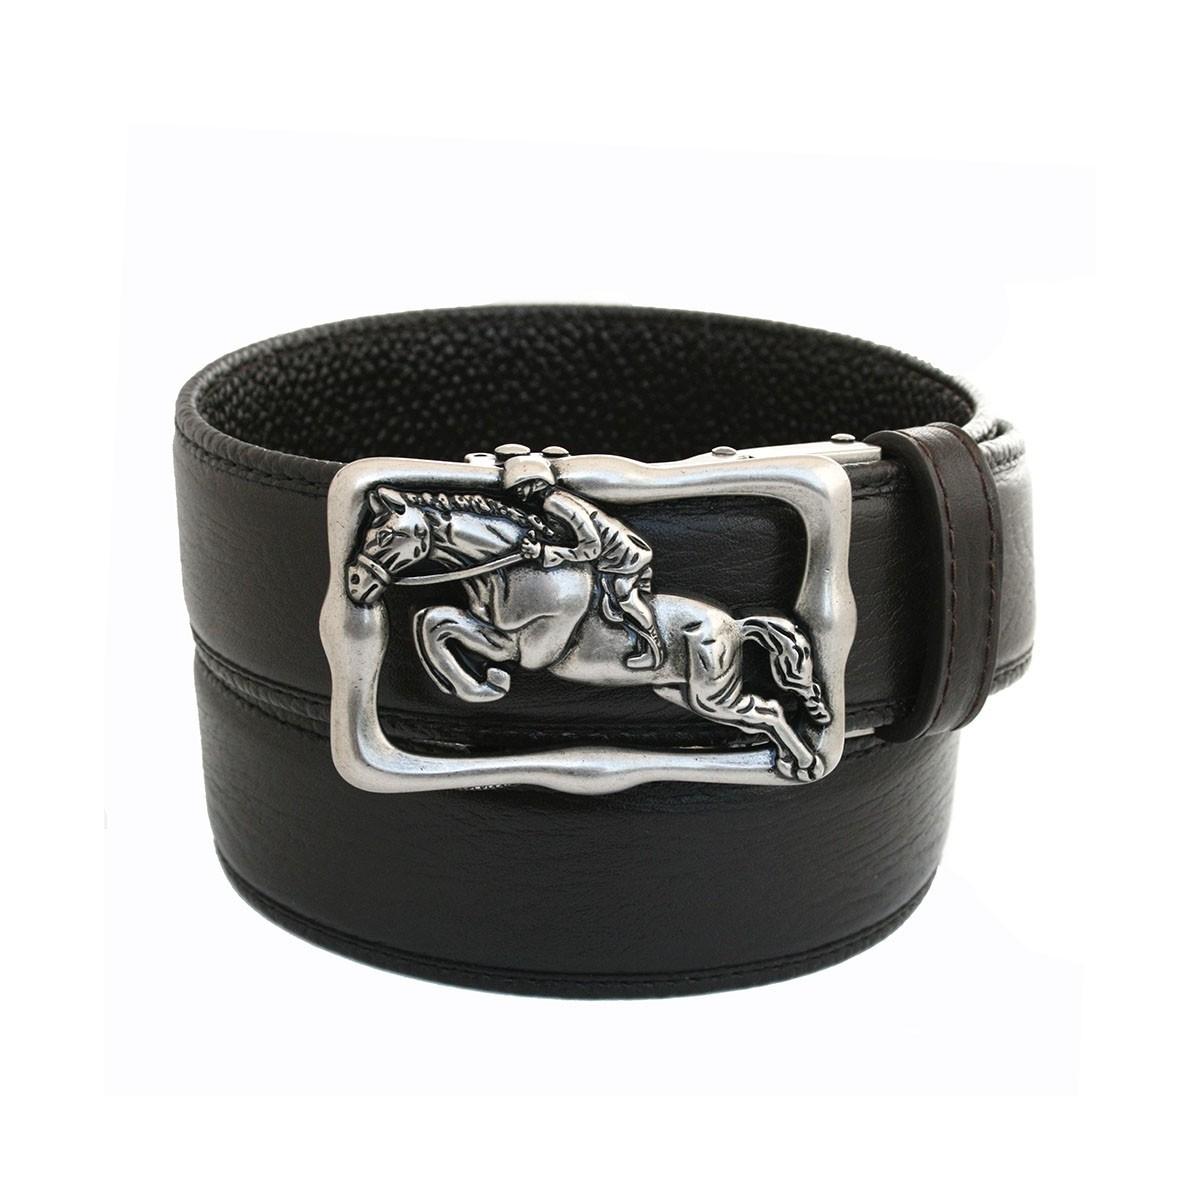 Ceinture automatique en cuir homme lanière et boucle biker cheval et cavalier